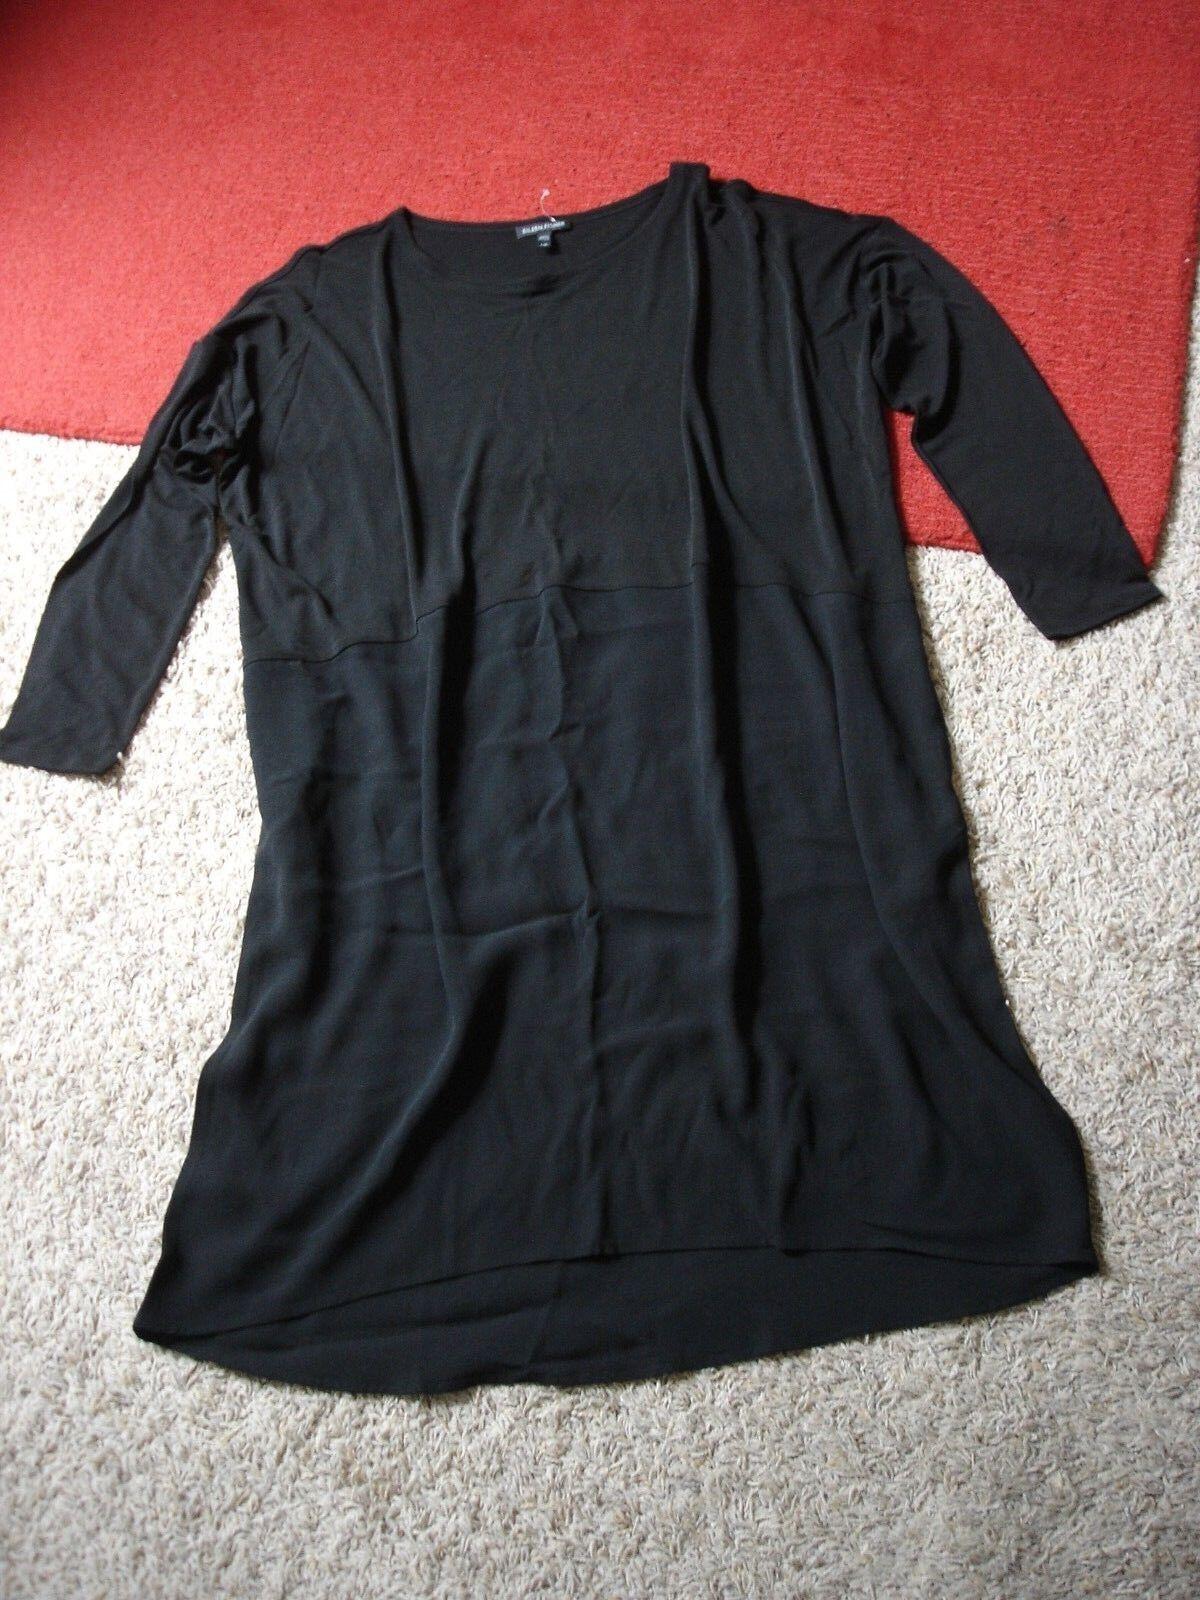 NEW  EILEEN FISHER Silk Jersey Overlay Dress schwarz Dropped Shoulder Größe S